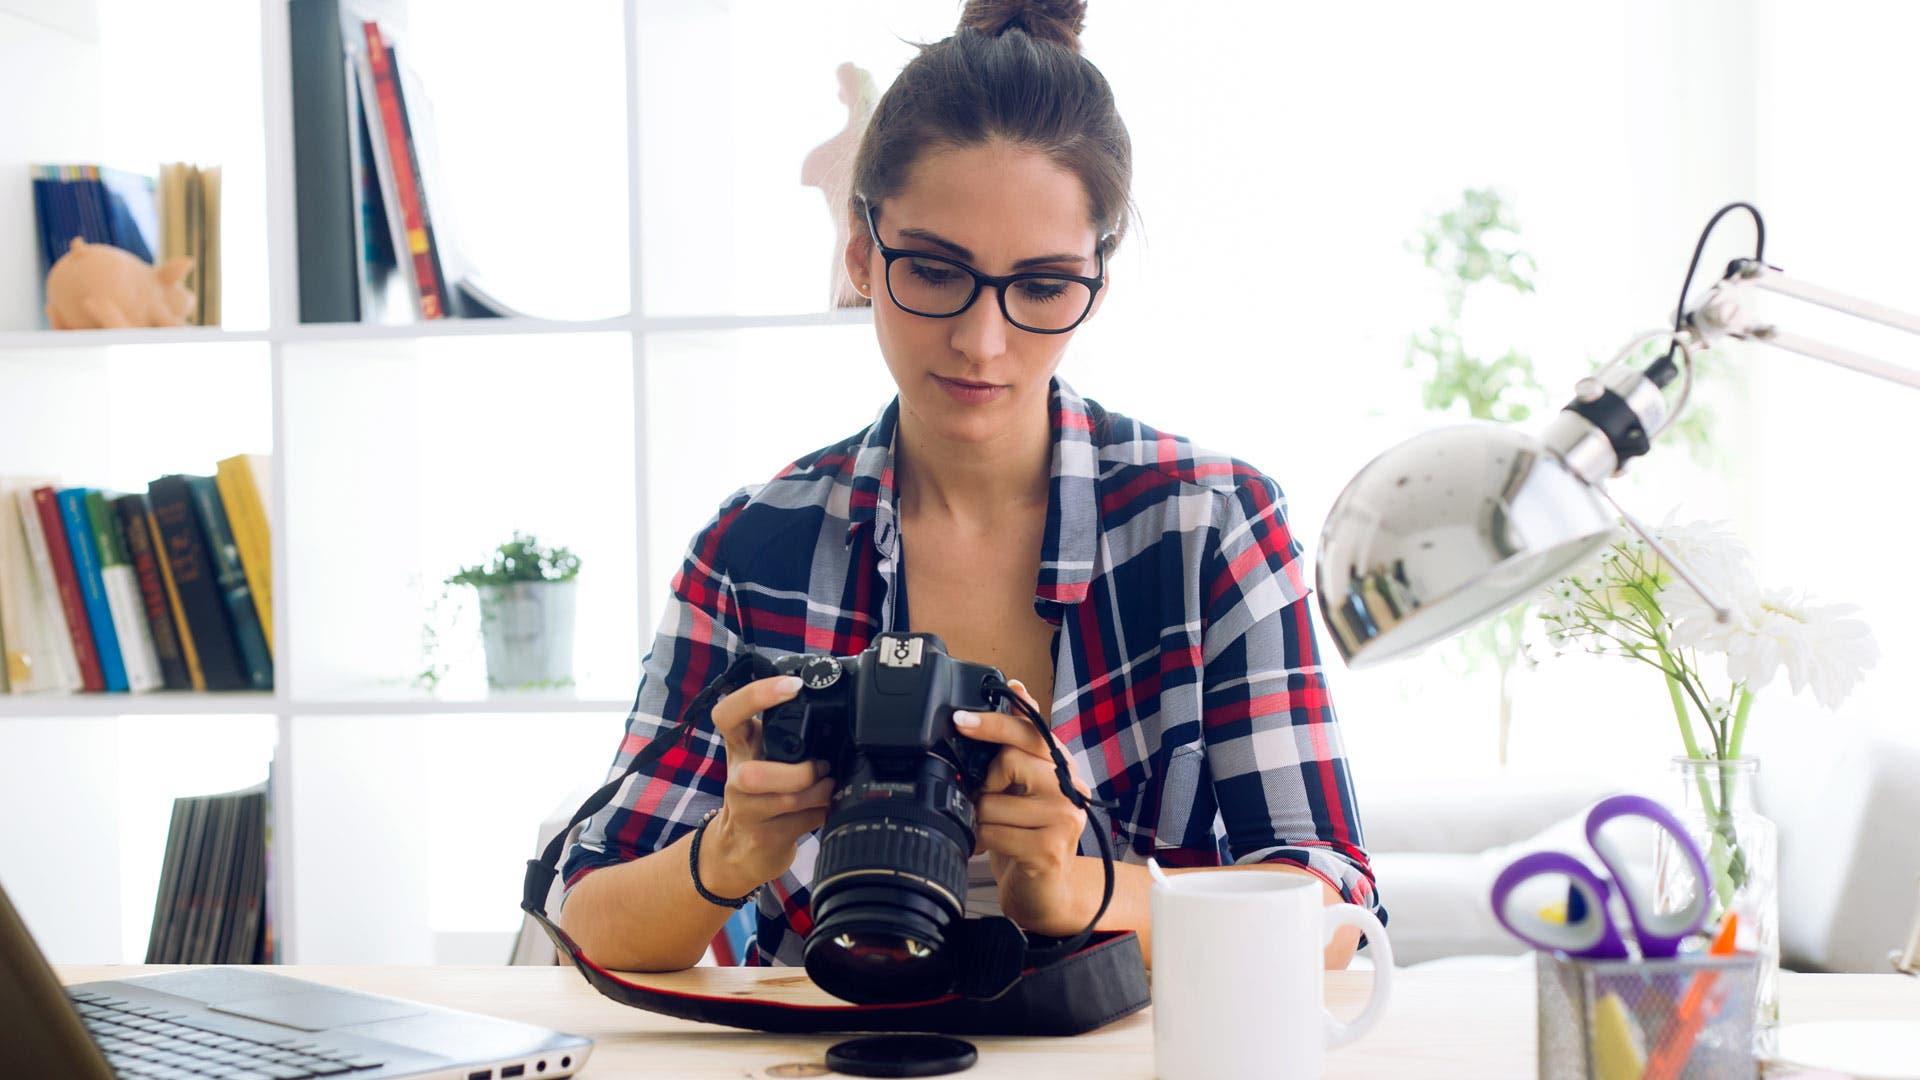 как научиться фотографировать самостоятельно